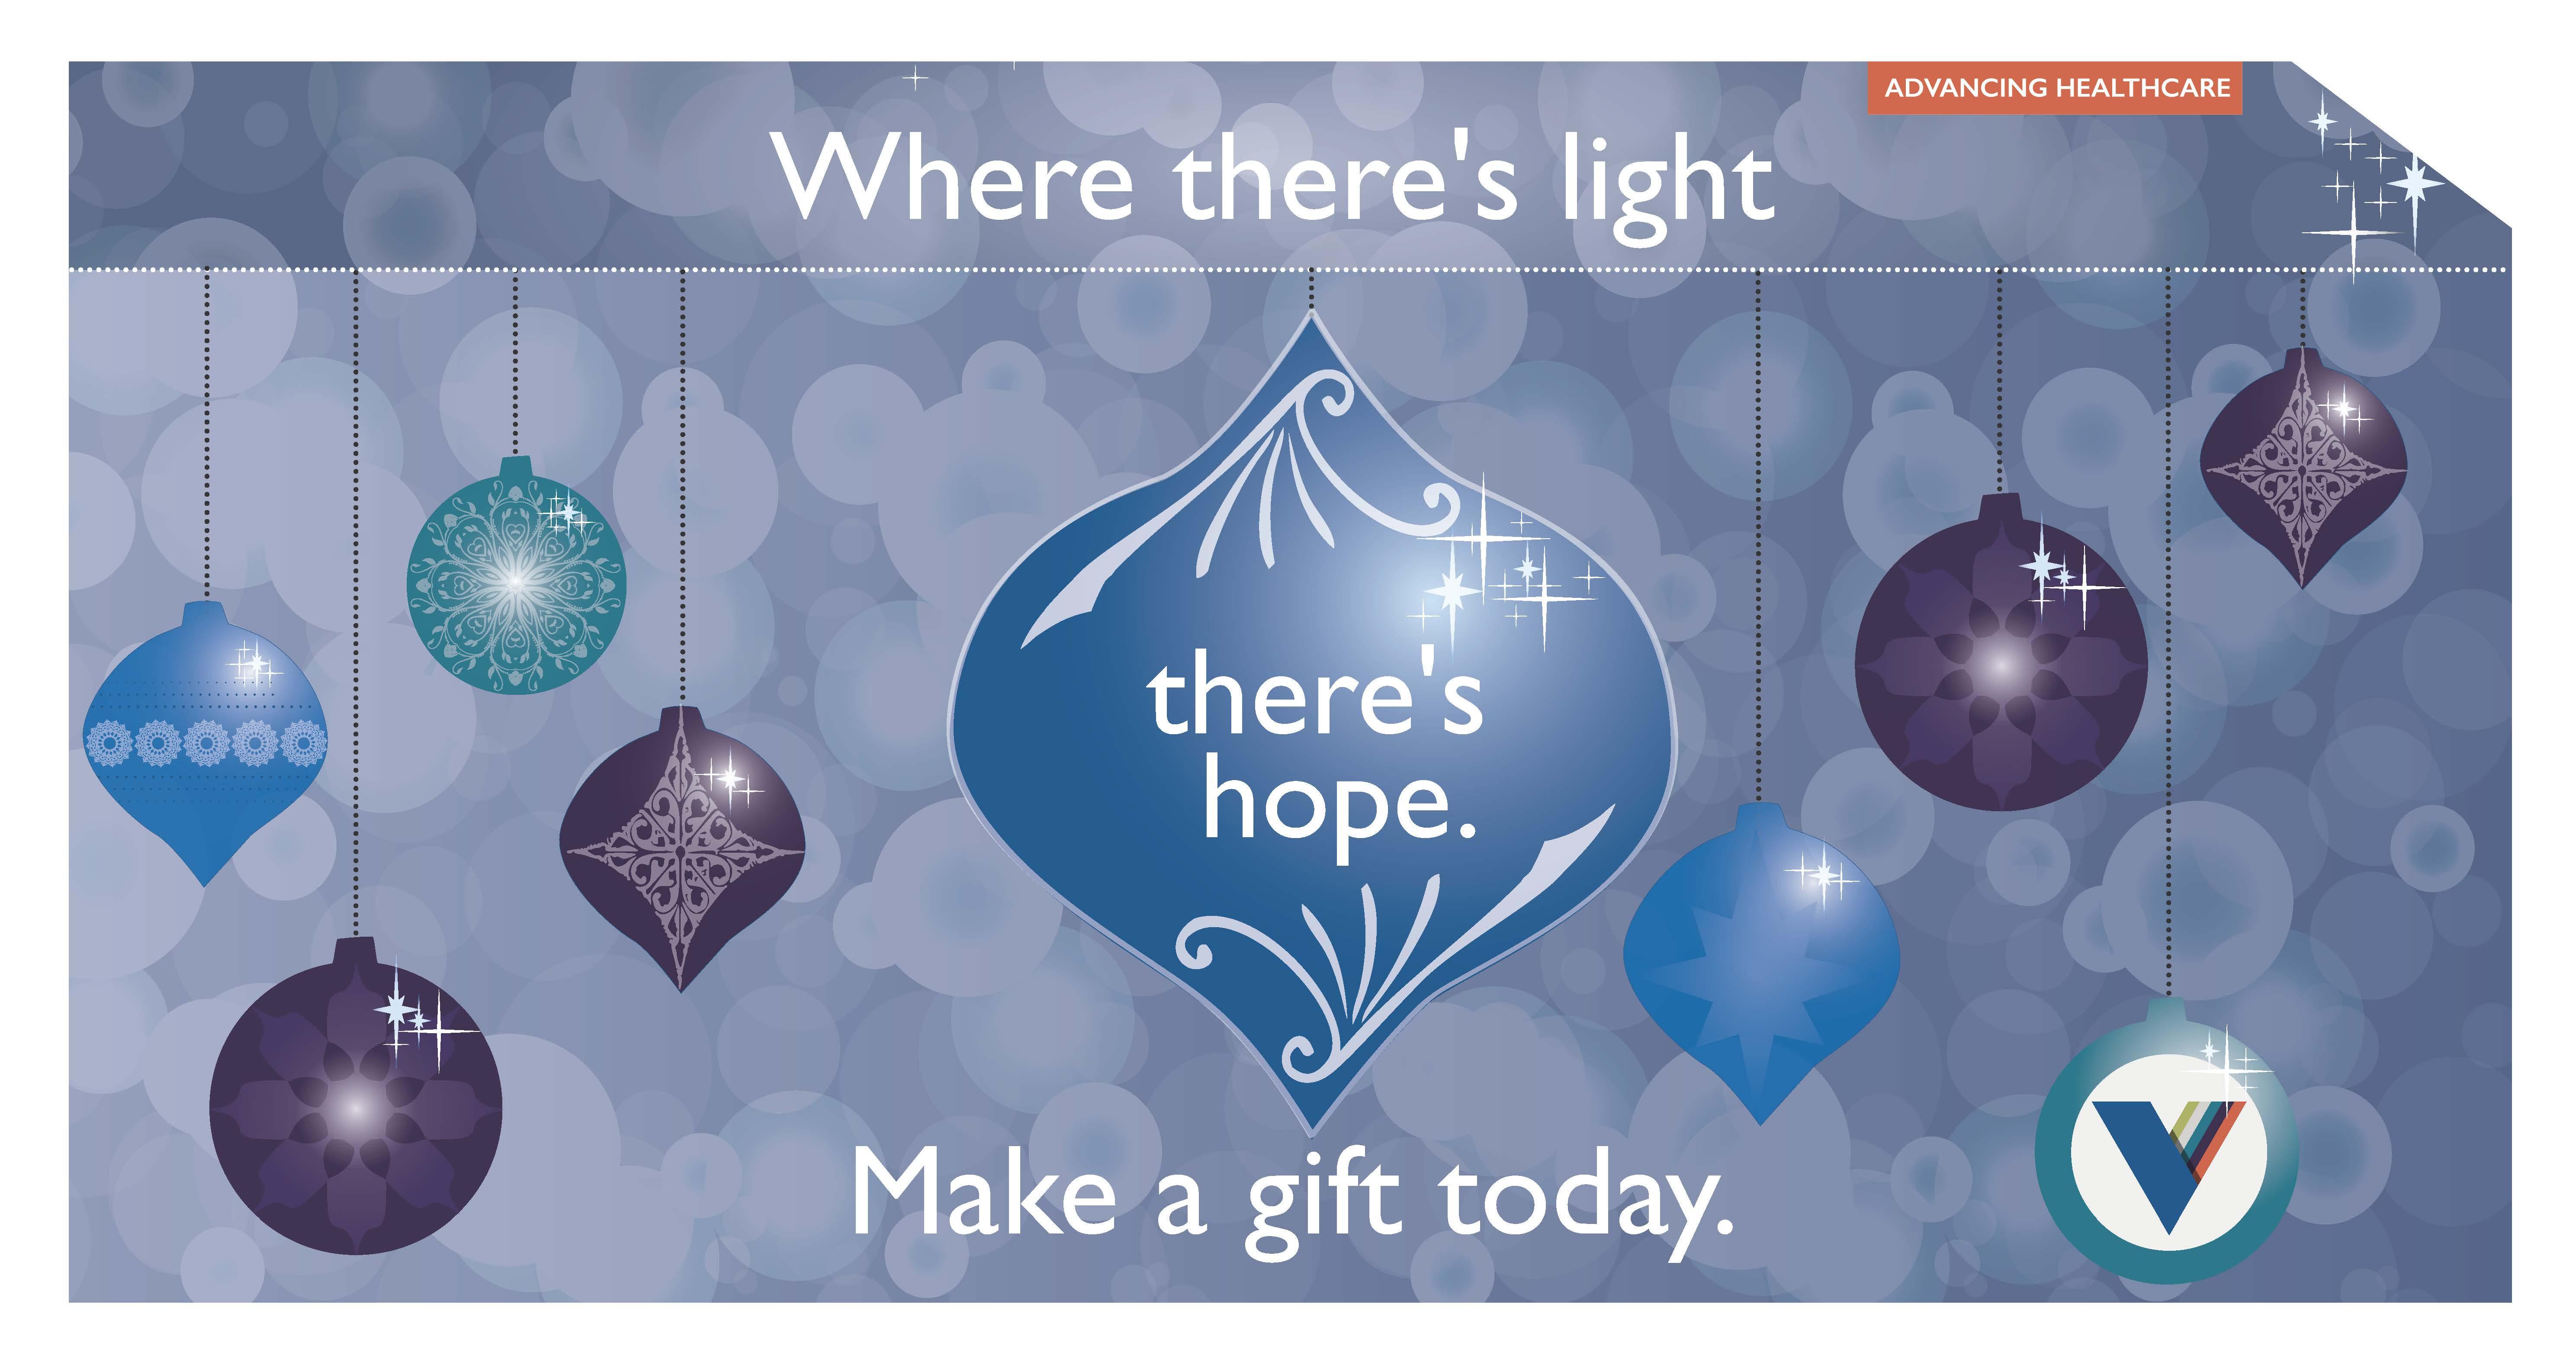 Light Hope 2017